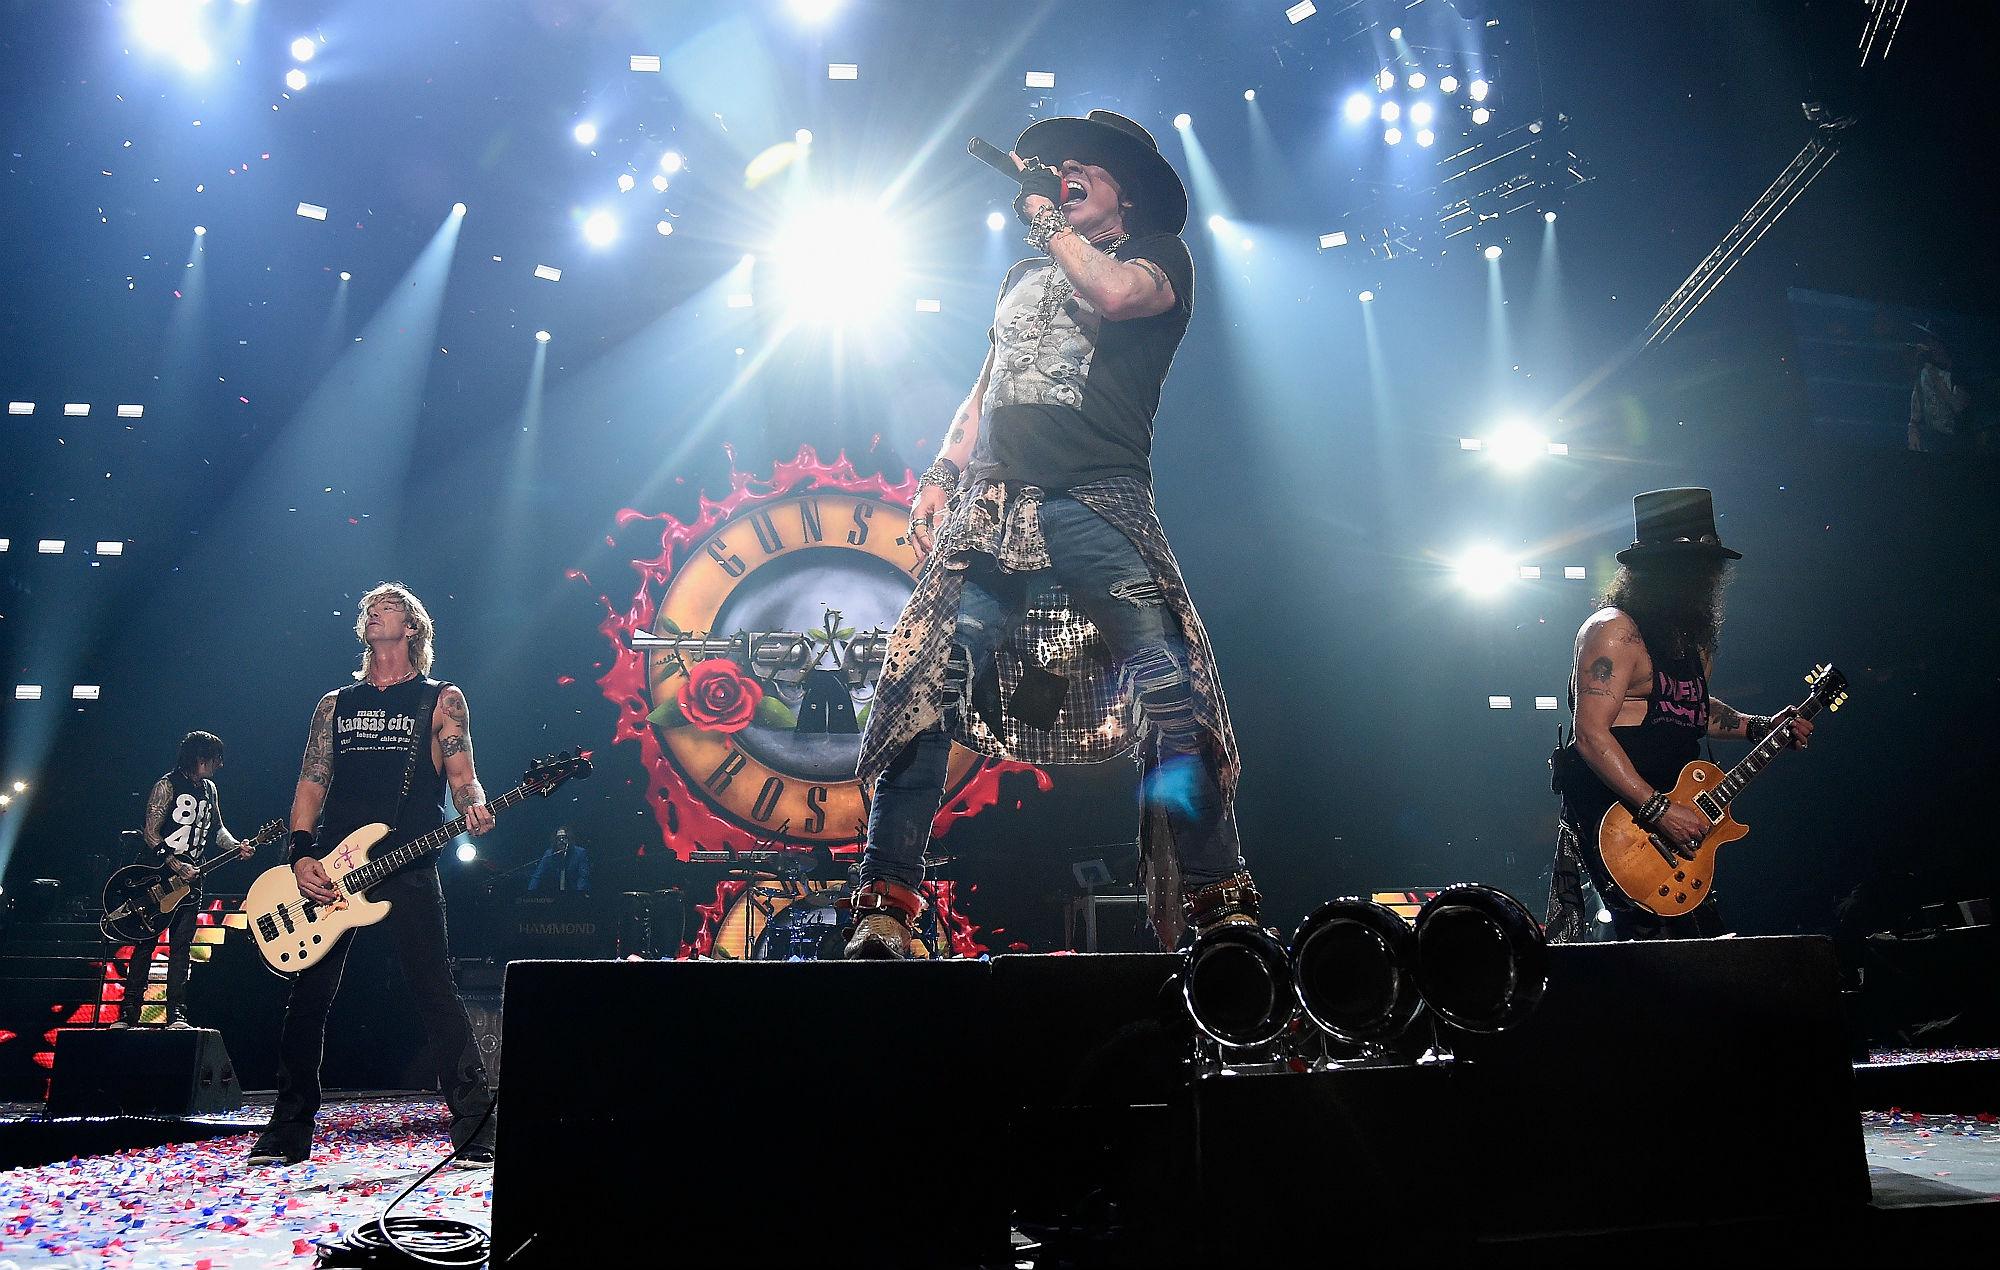 Guns N' Roses announce massive Glasgow show